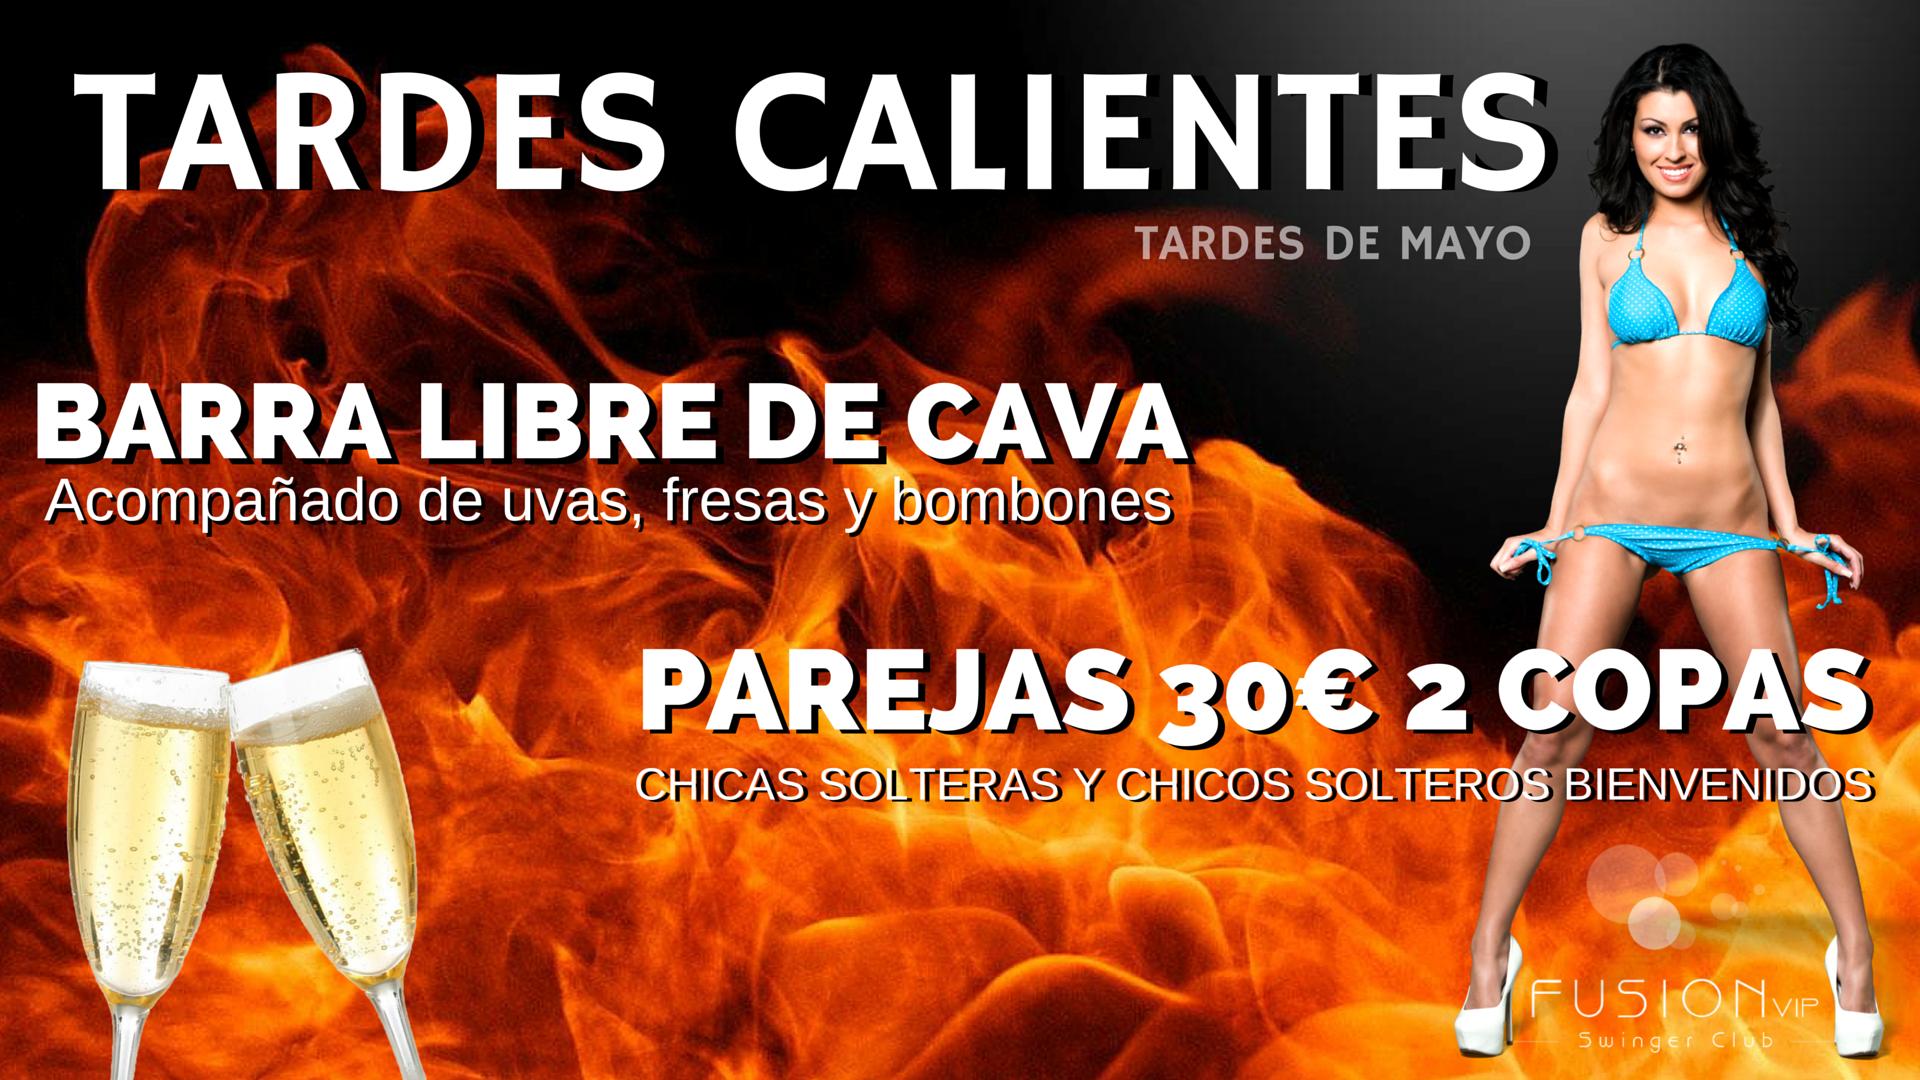 TARDES CALIENTES FUSIONVIP SWINGER MADRID